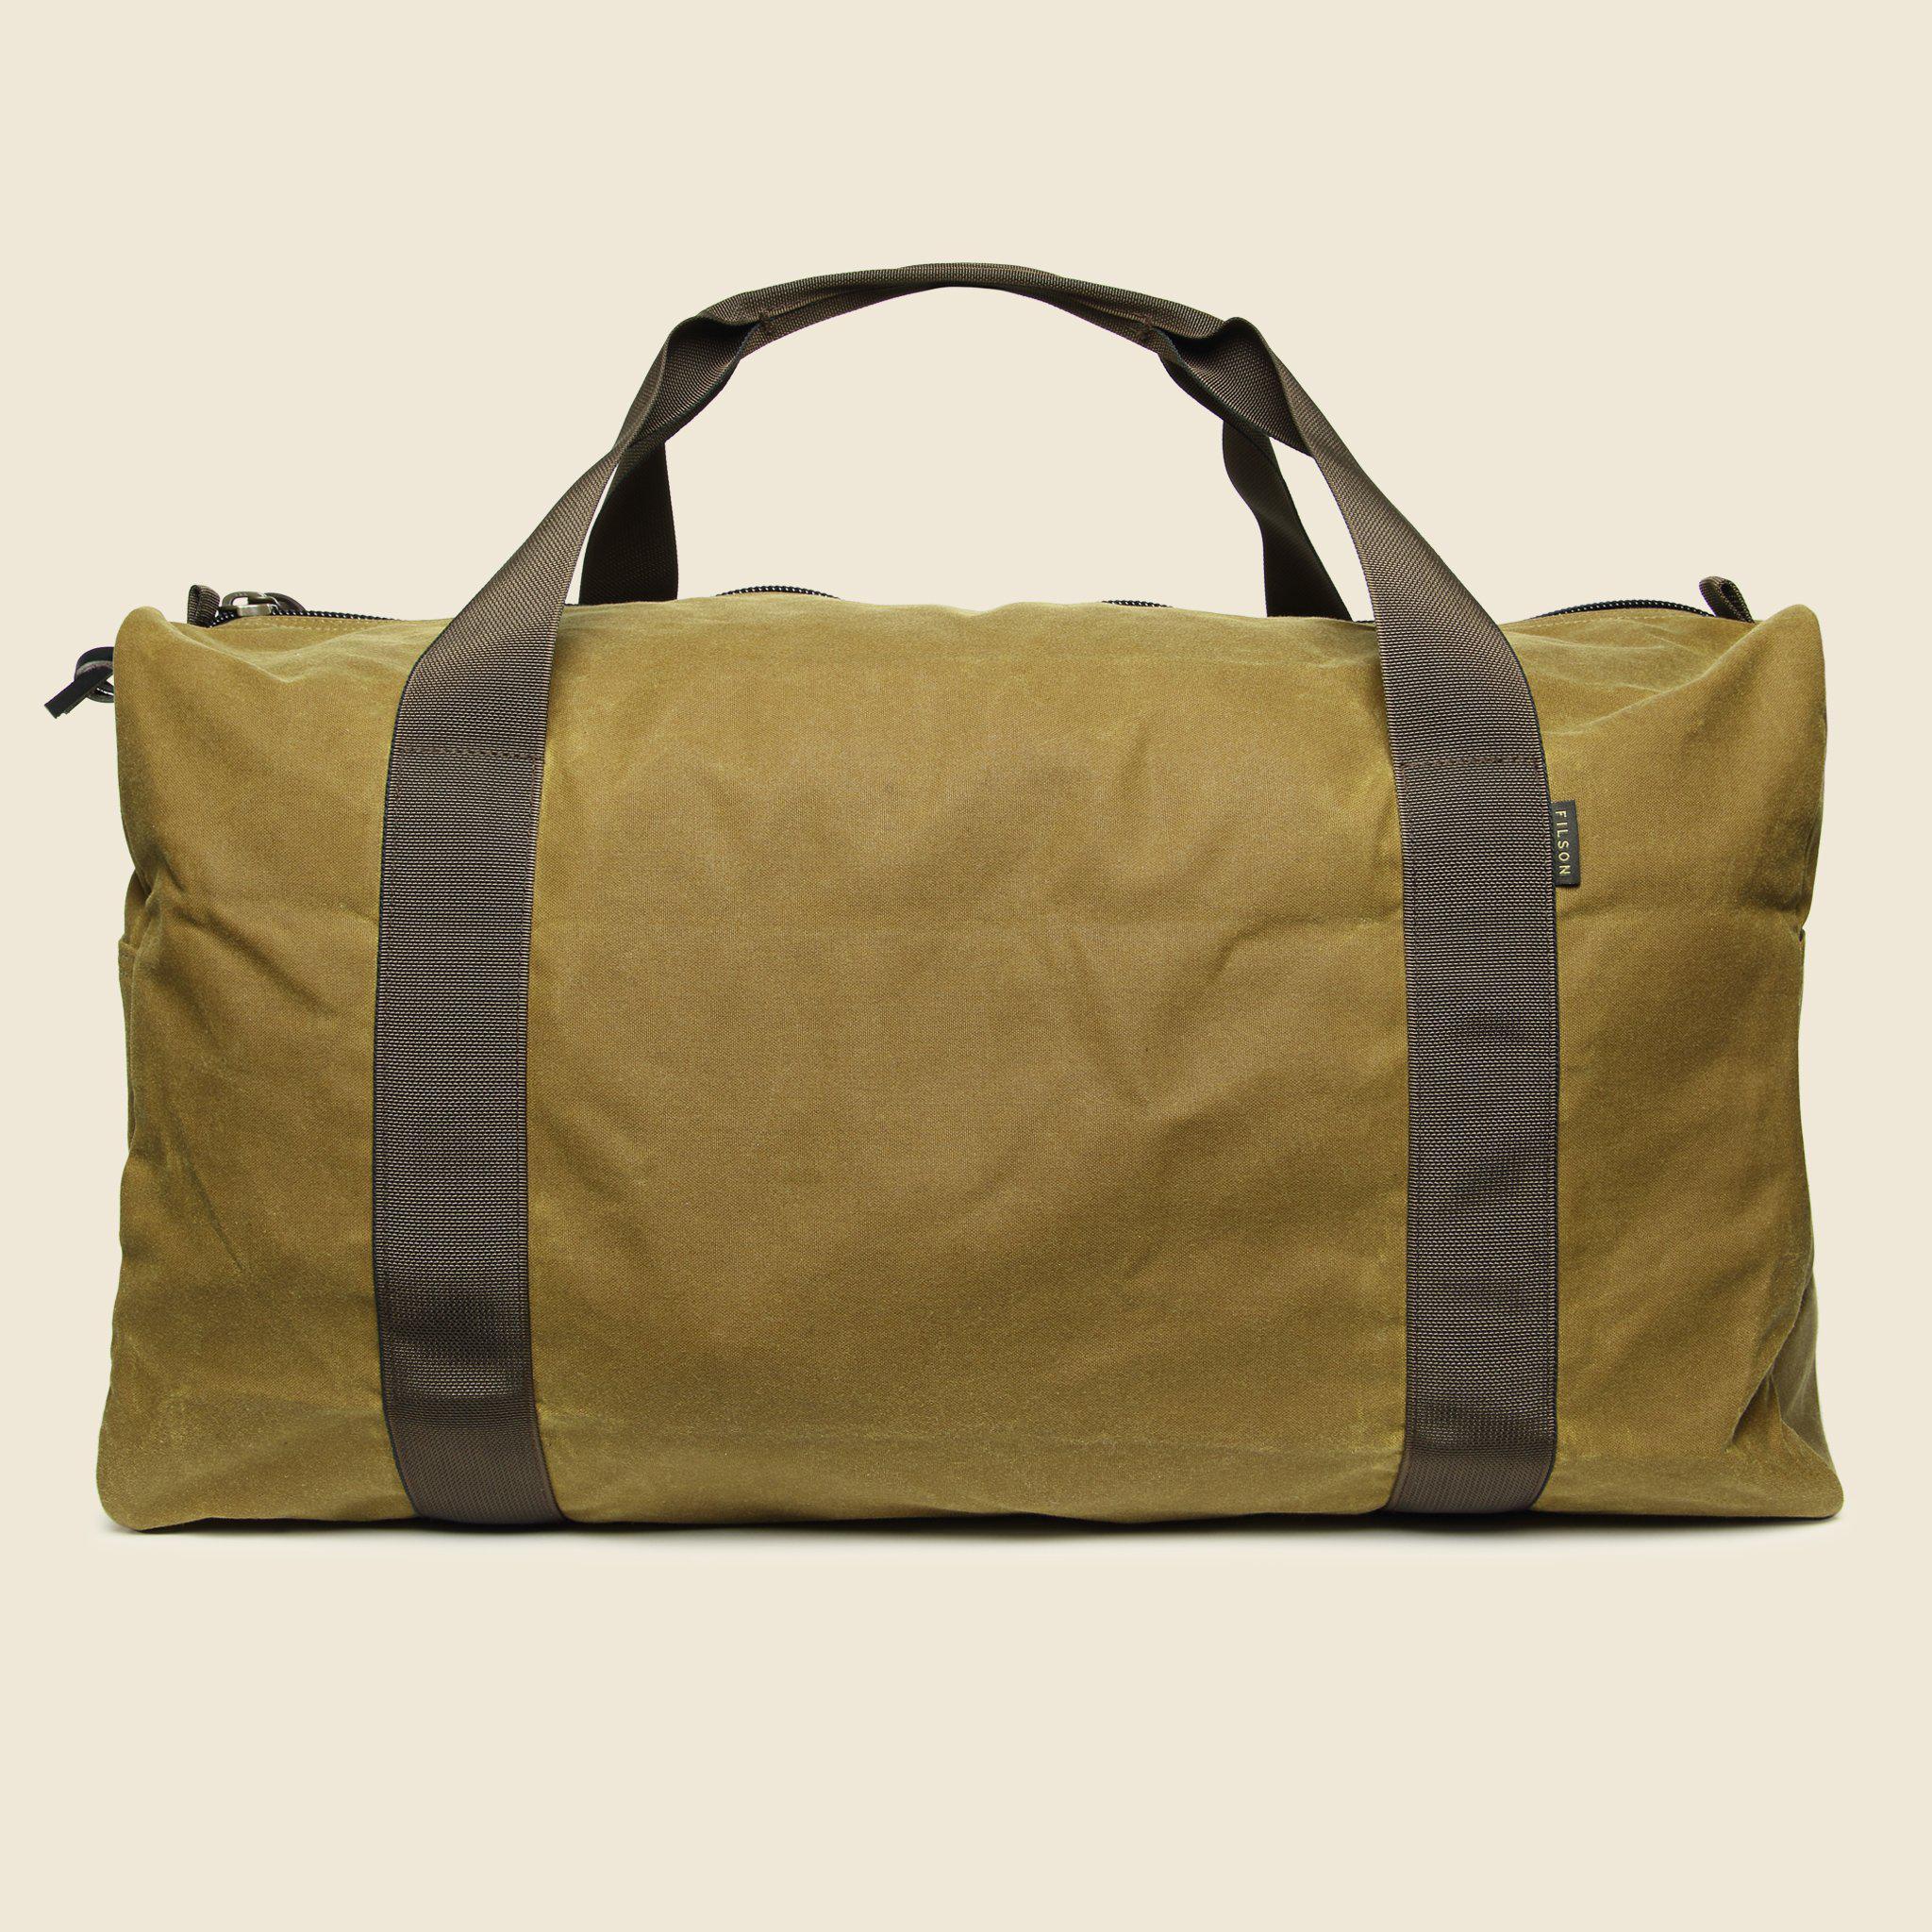 Medium Field Duffle Bag Dark Tan